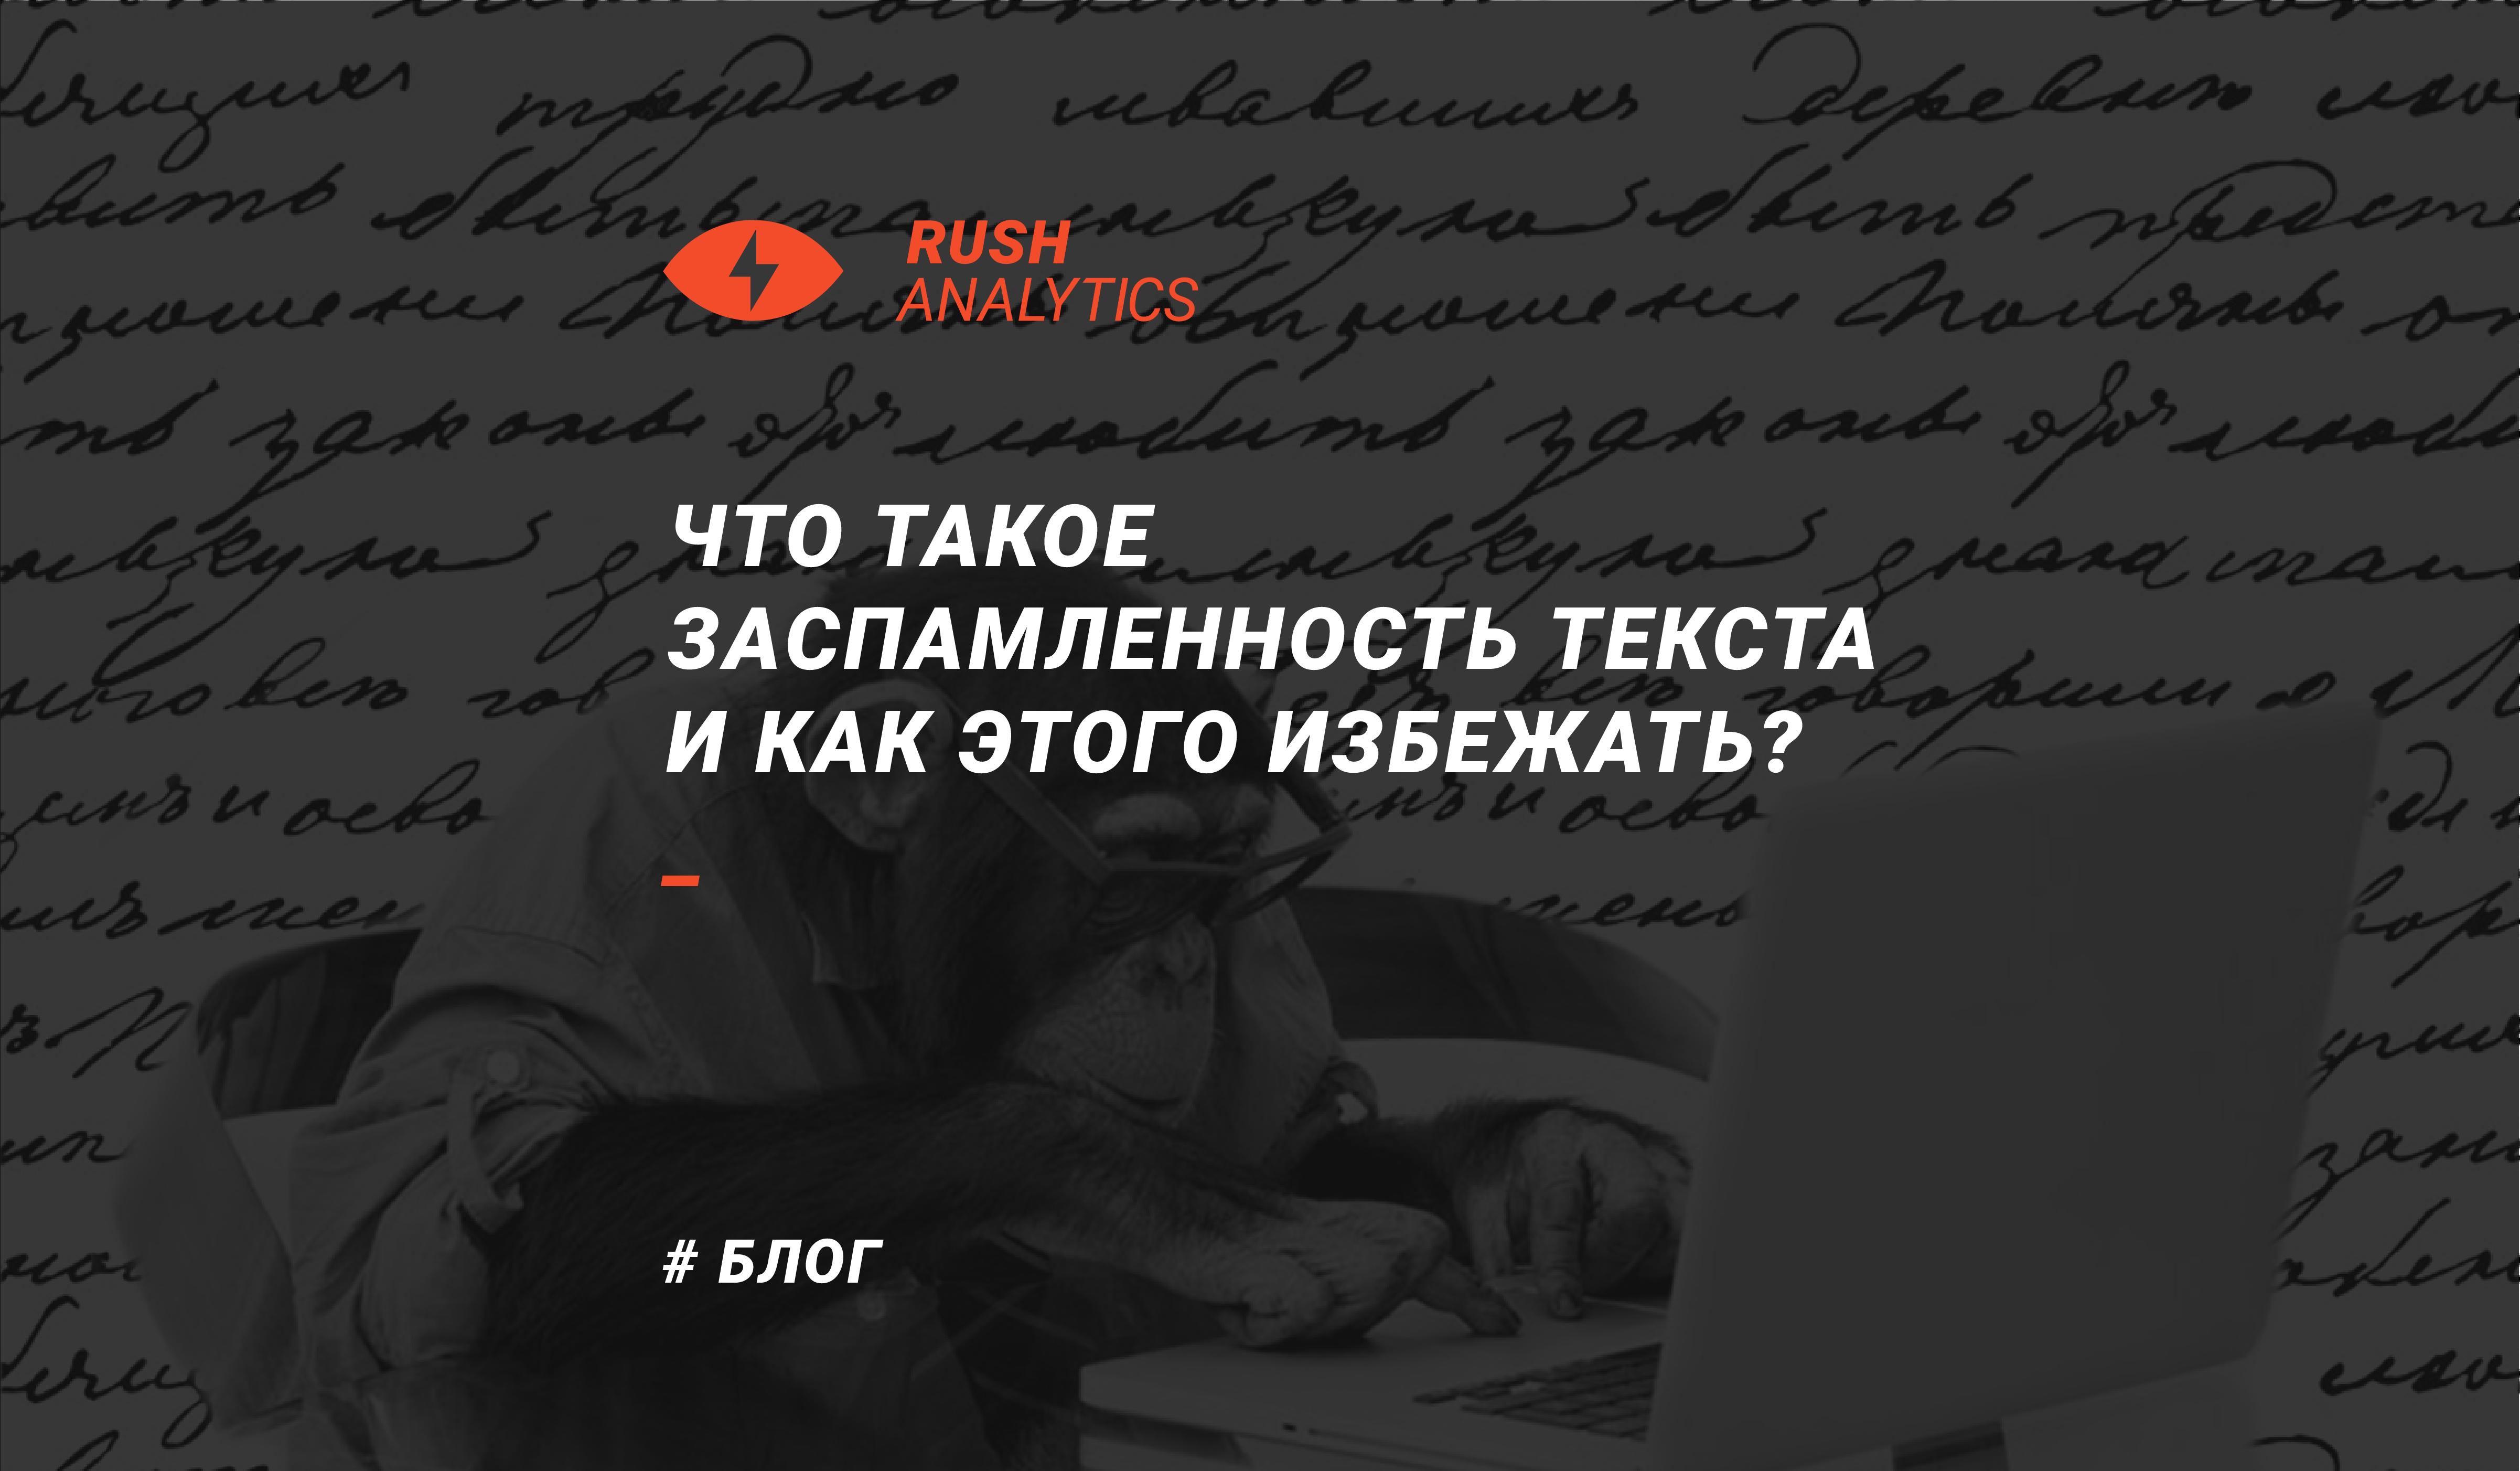 Что такое заспамленность текста, и как её проверить